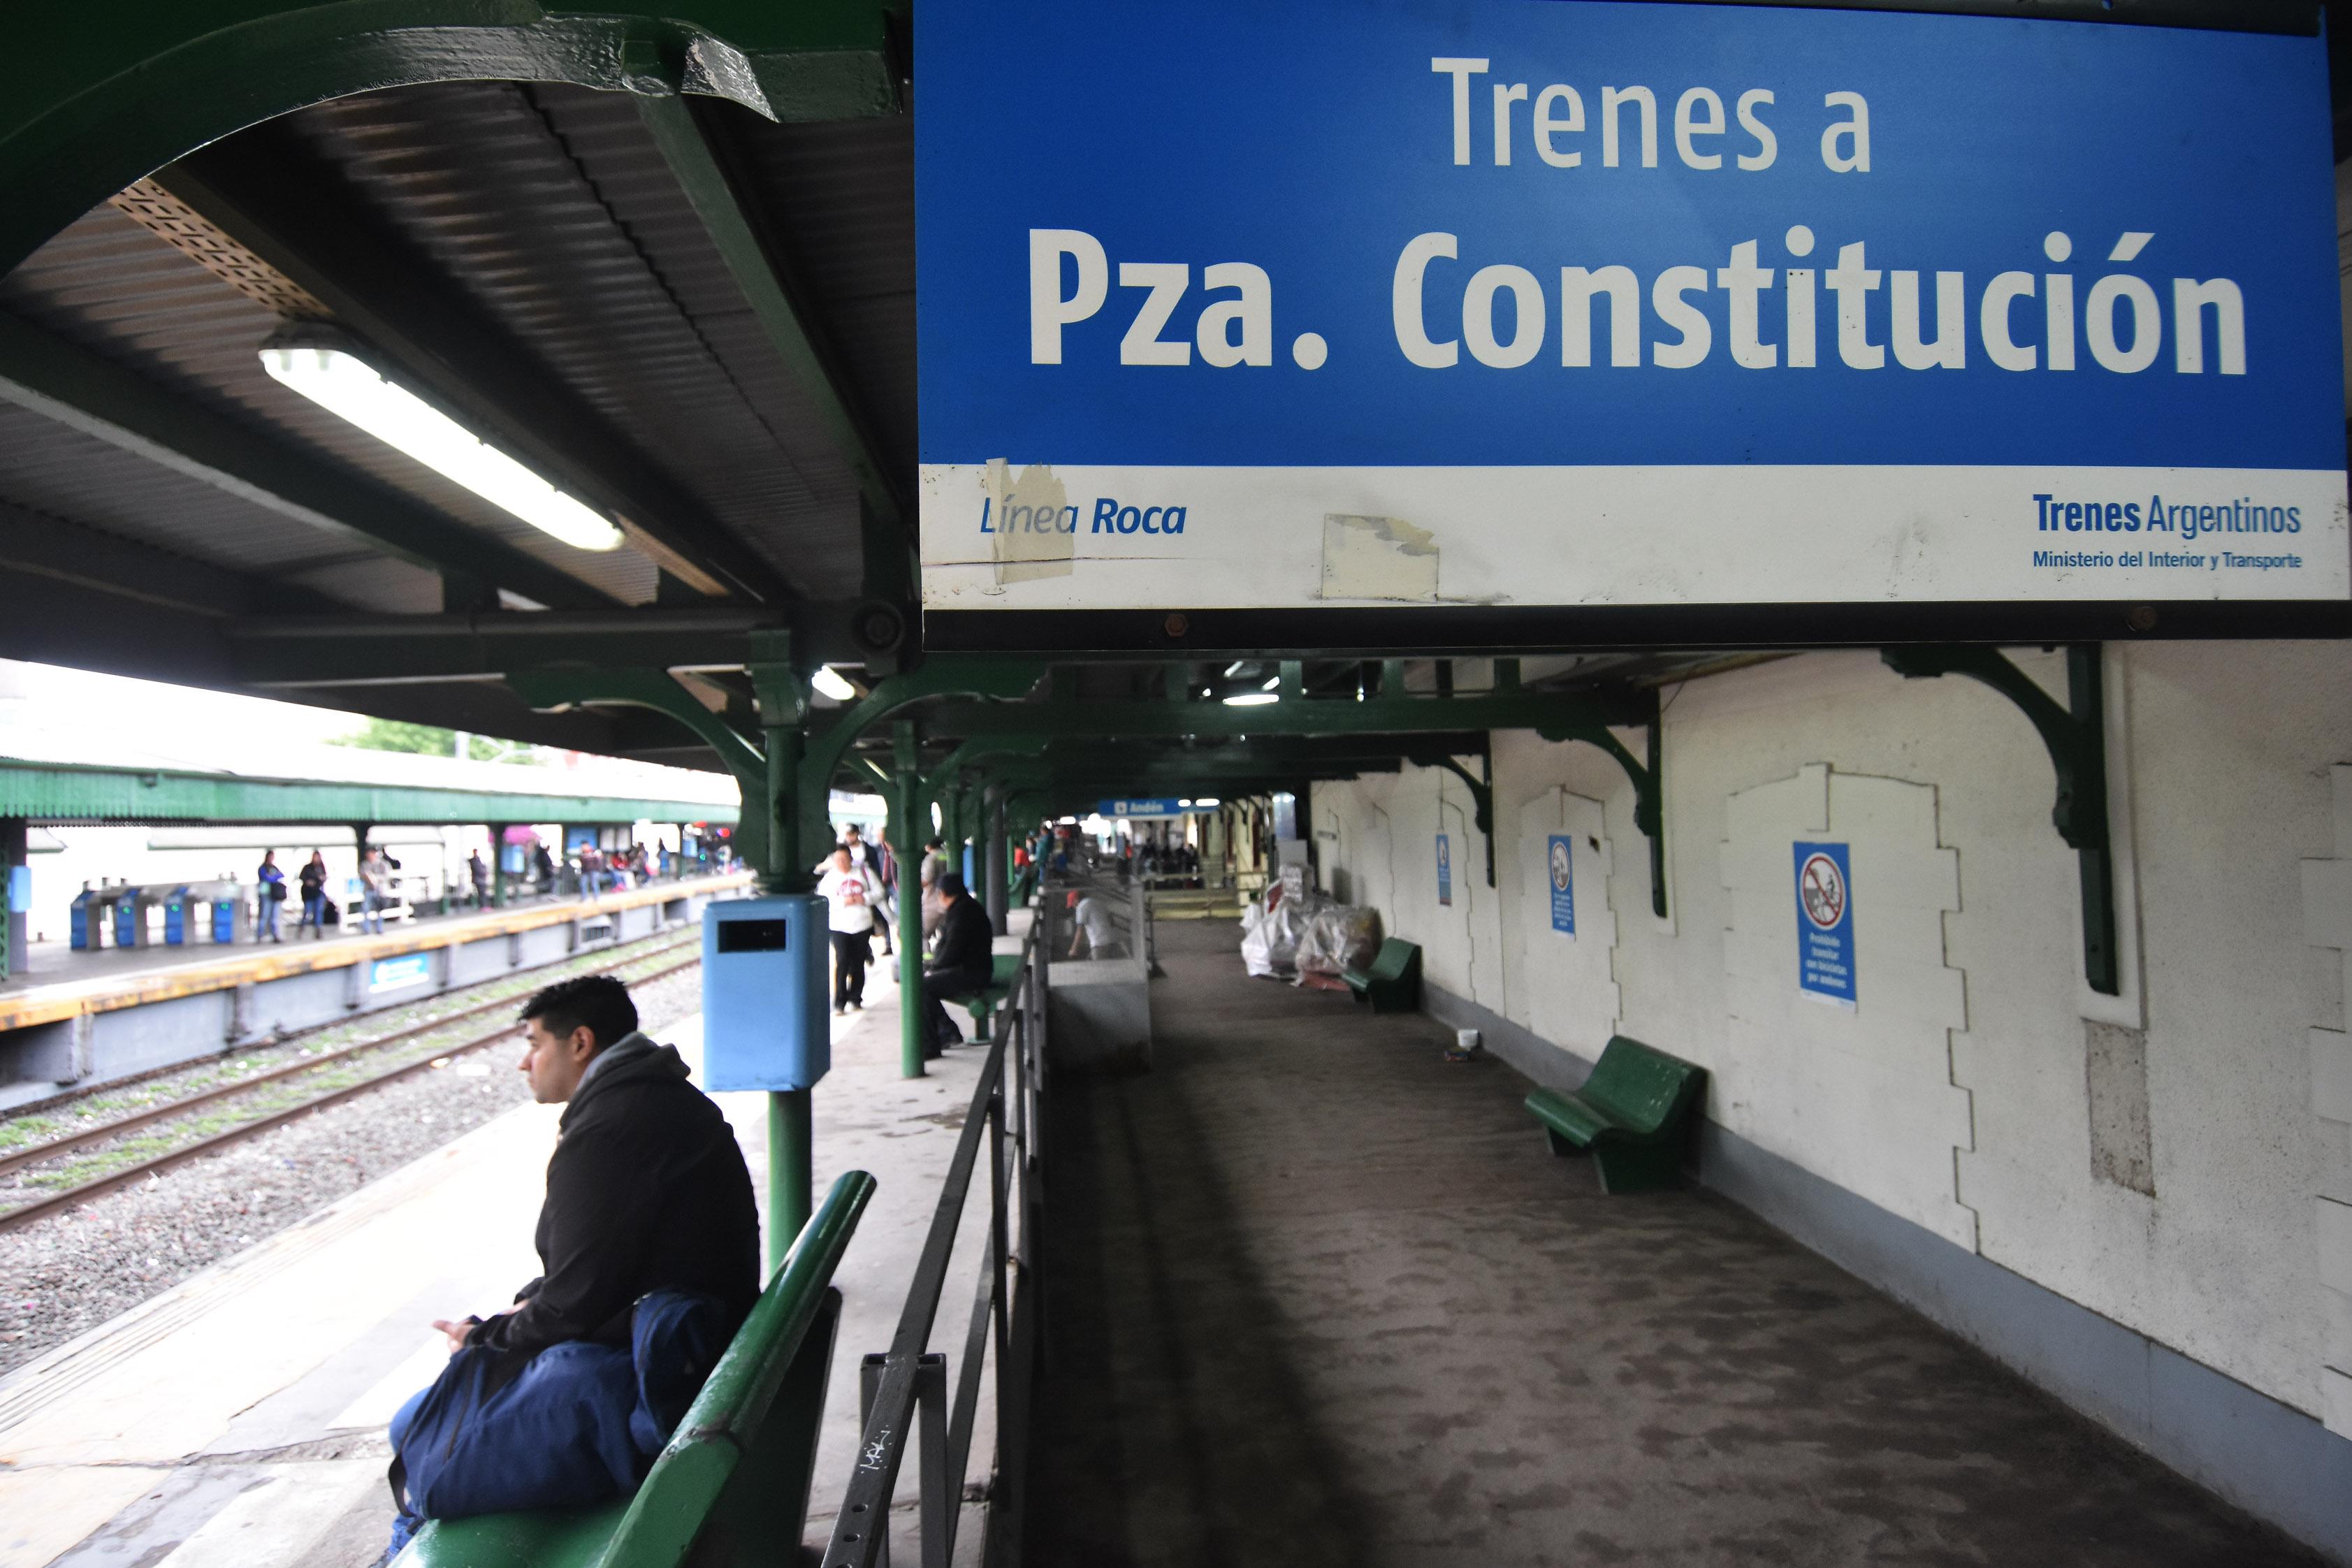 DYN16,LANUS, BUENOS AIRES, 26/10/2016, PARO DE TRENES DE LA LINEA ROCA. FOTO:DYN/LUCIANO THIEBERGER.